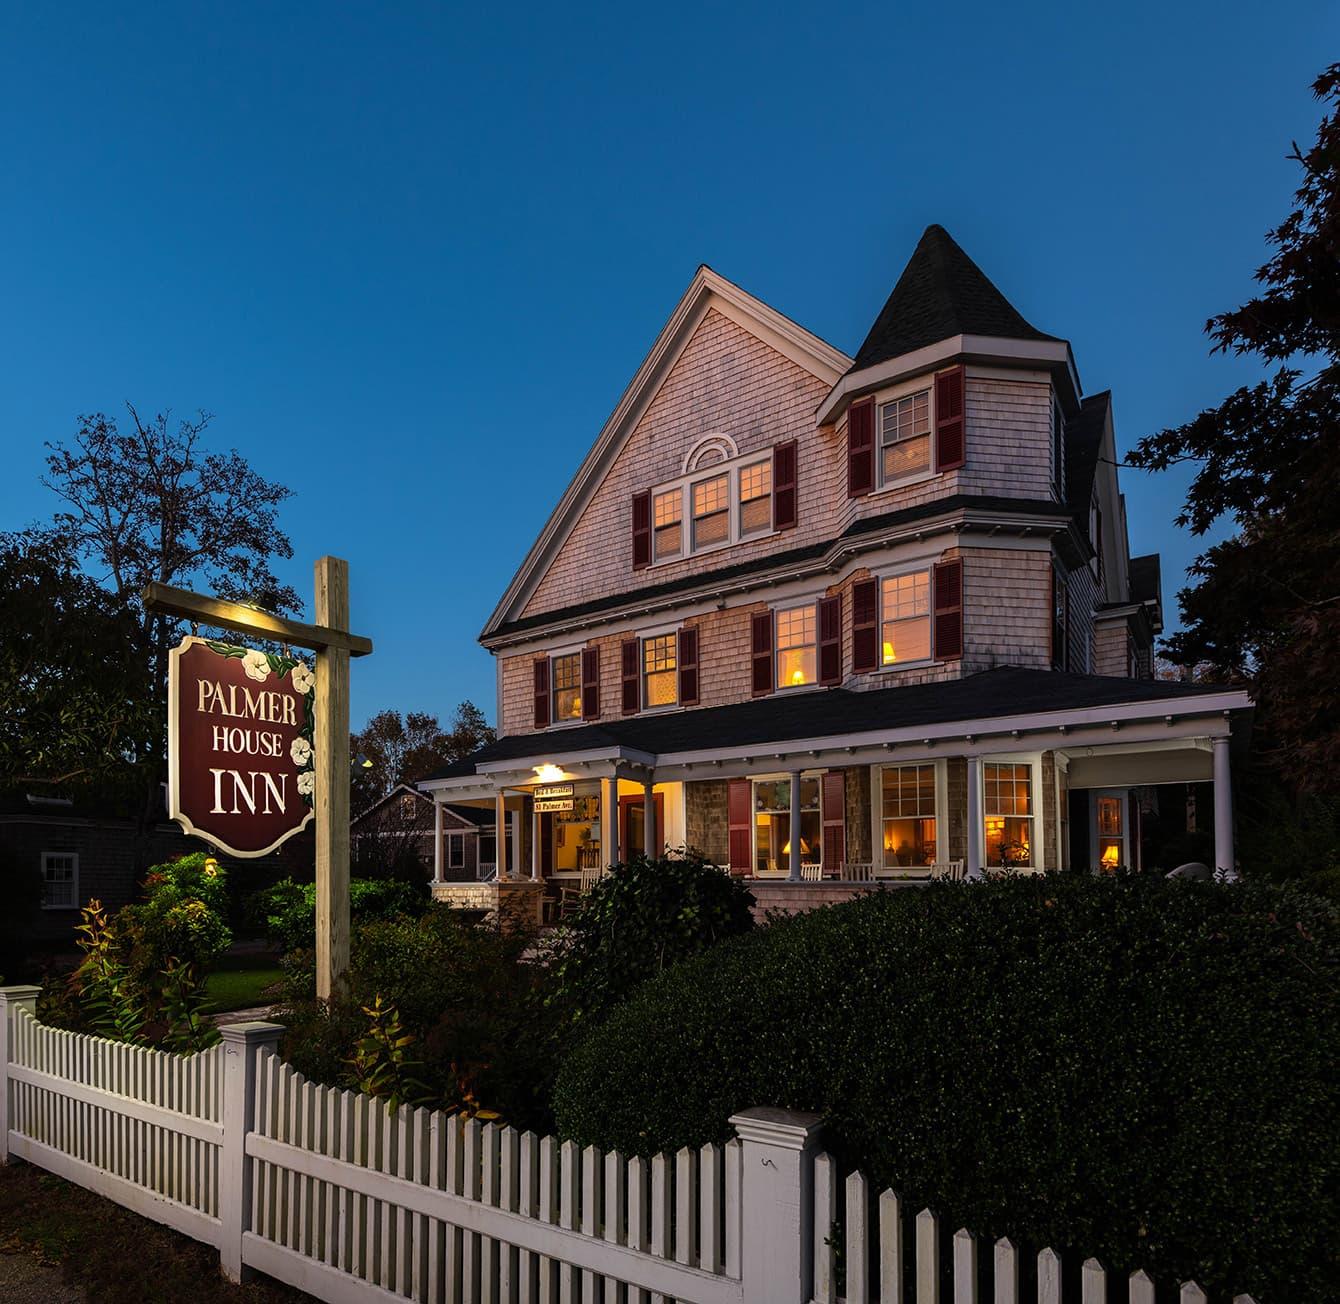 Palmer House Inn exterior on Cape Cod